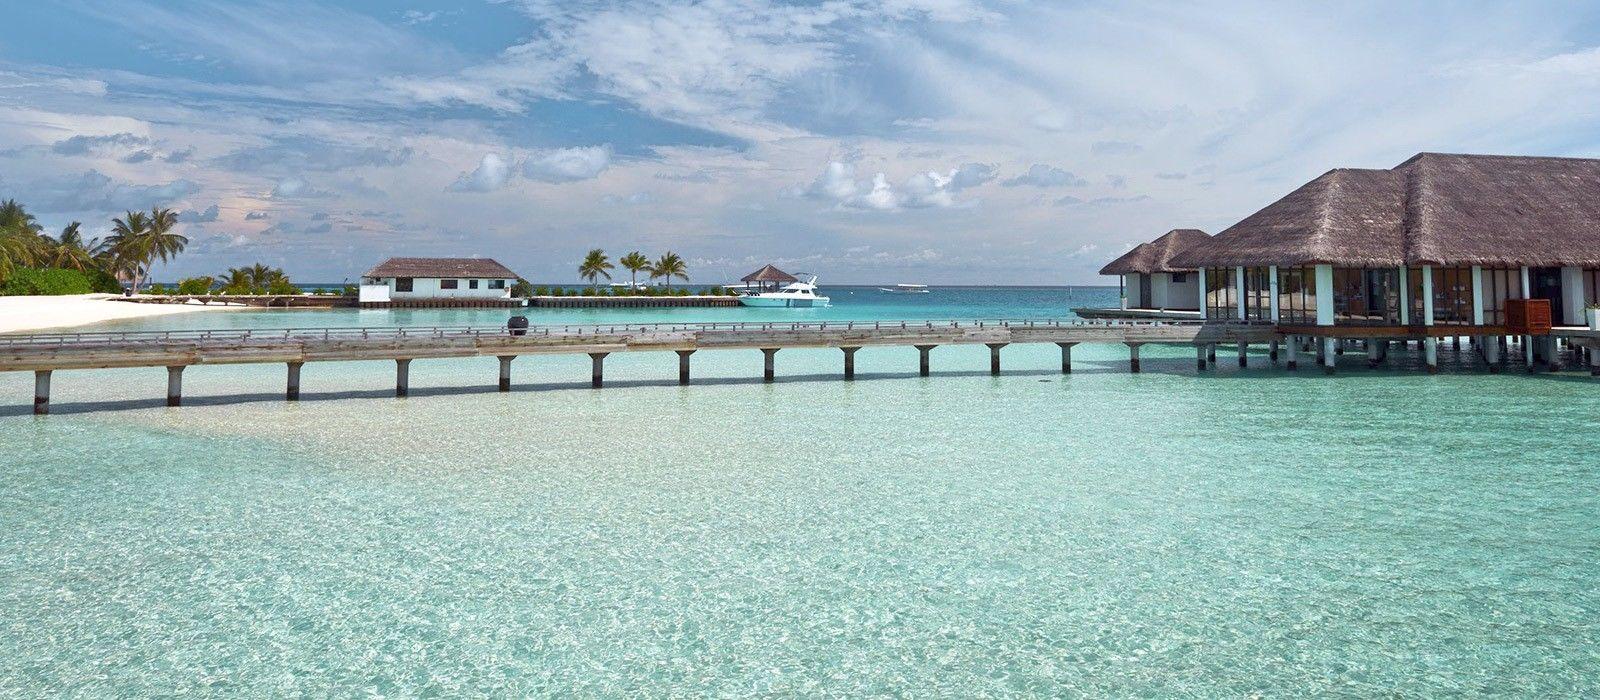 Destination Male Maldives